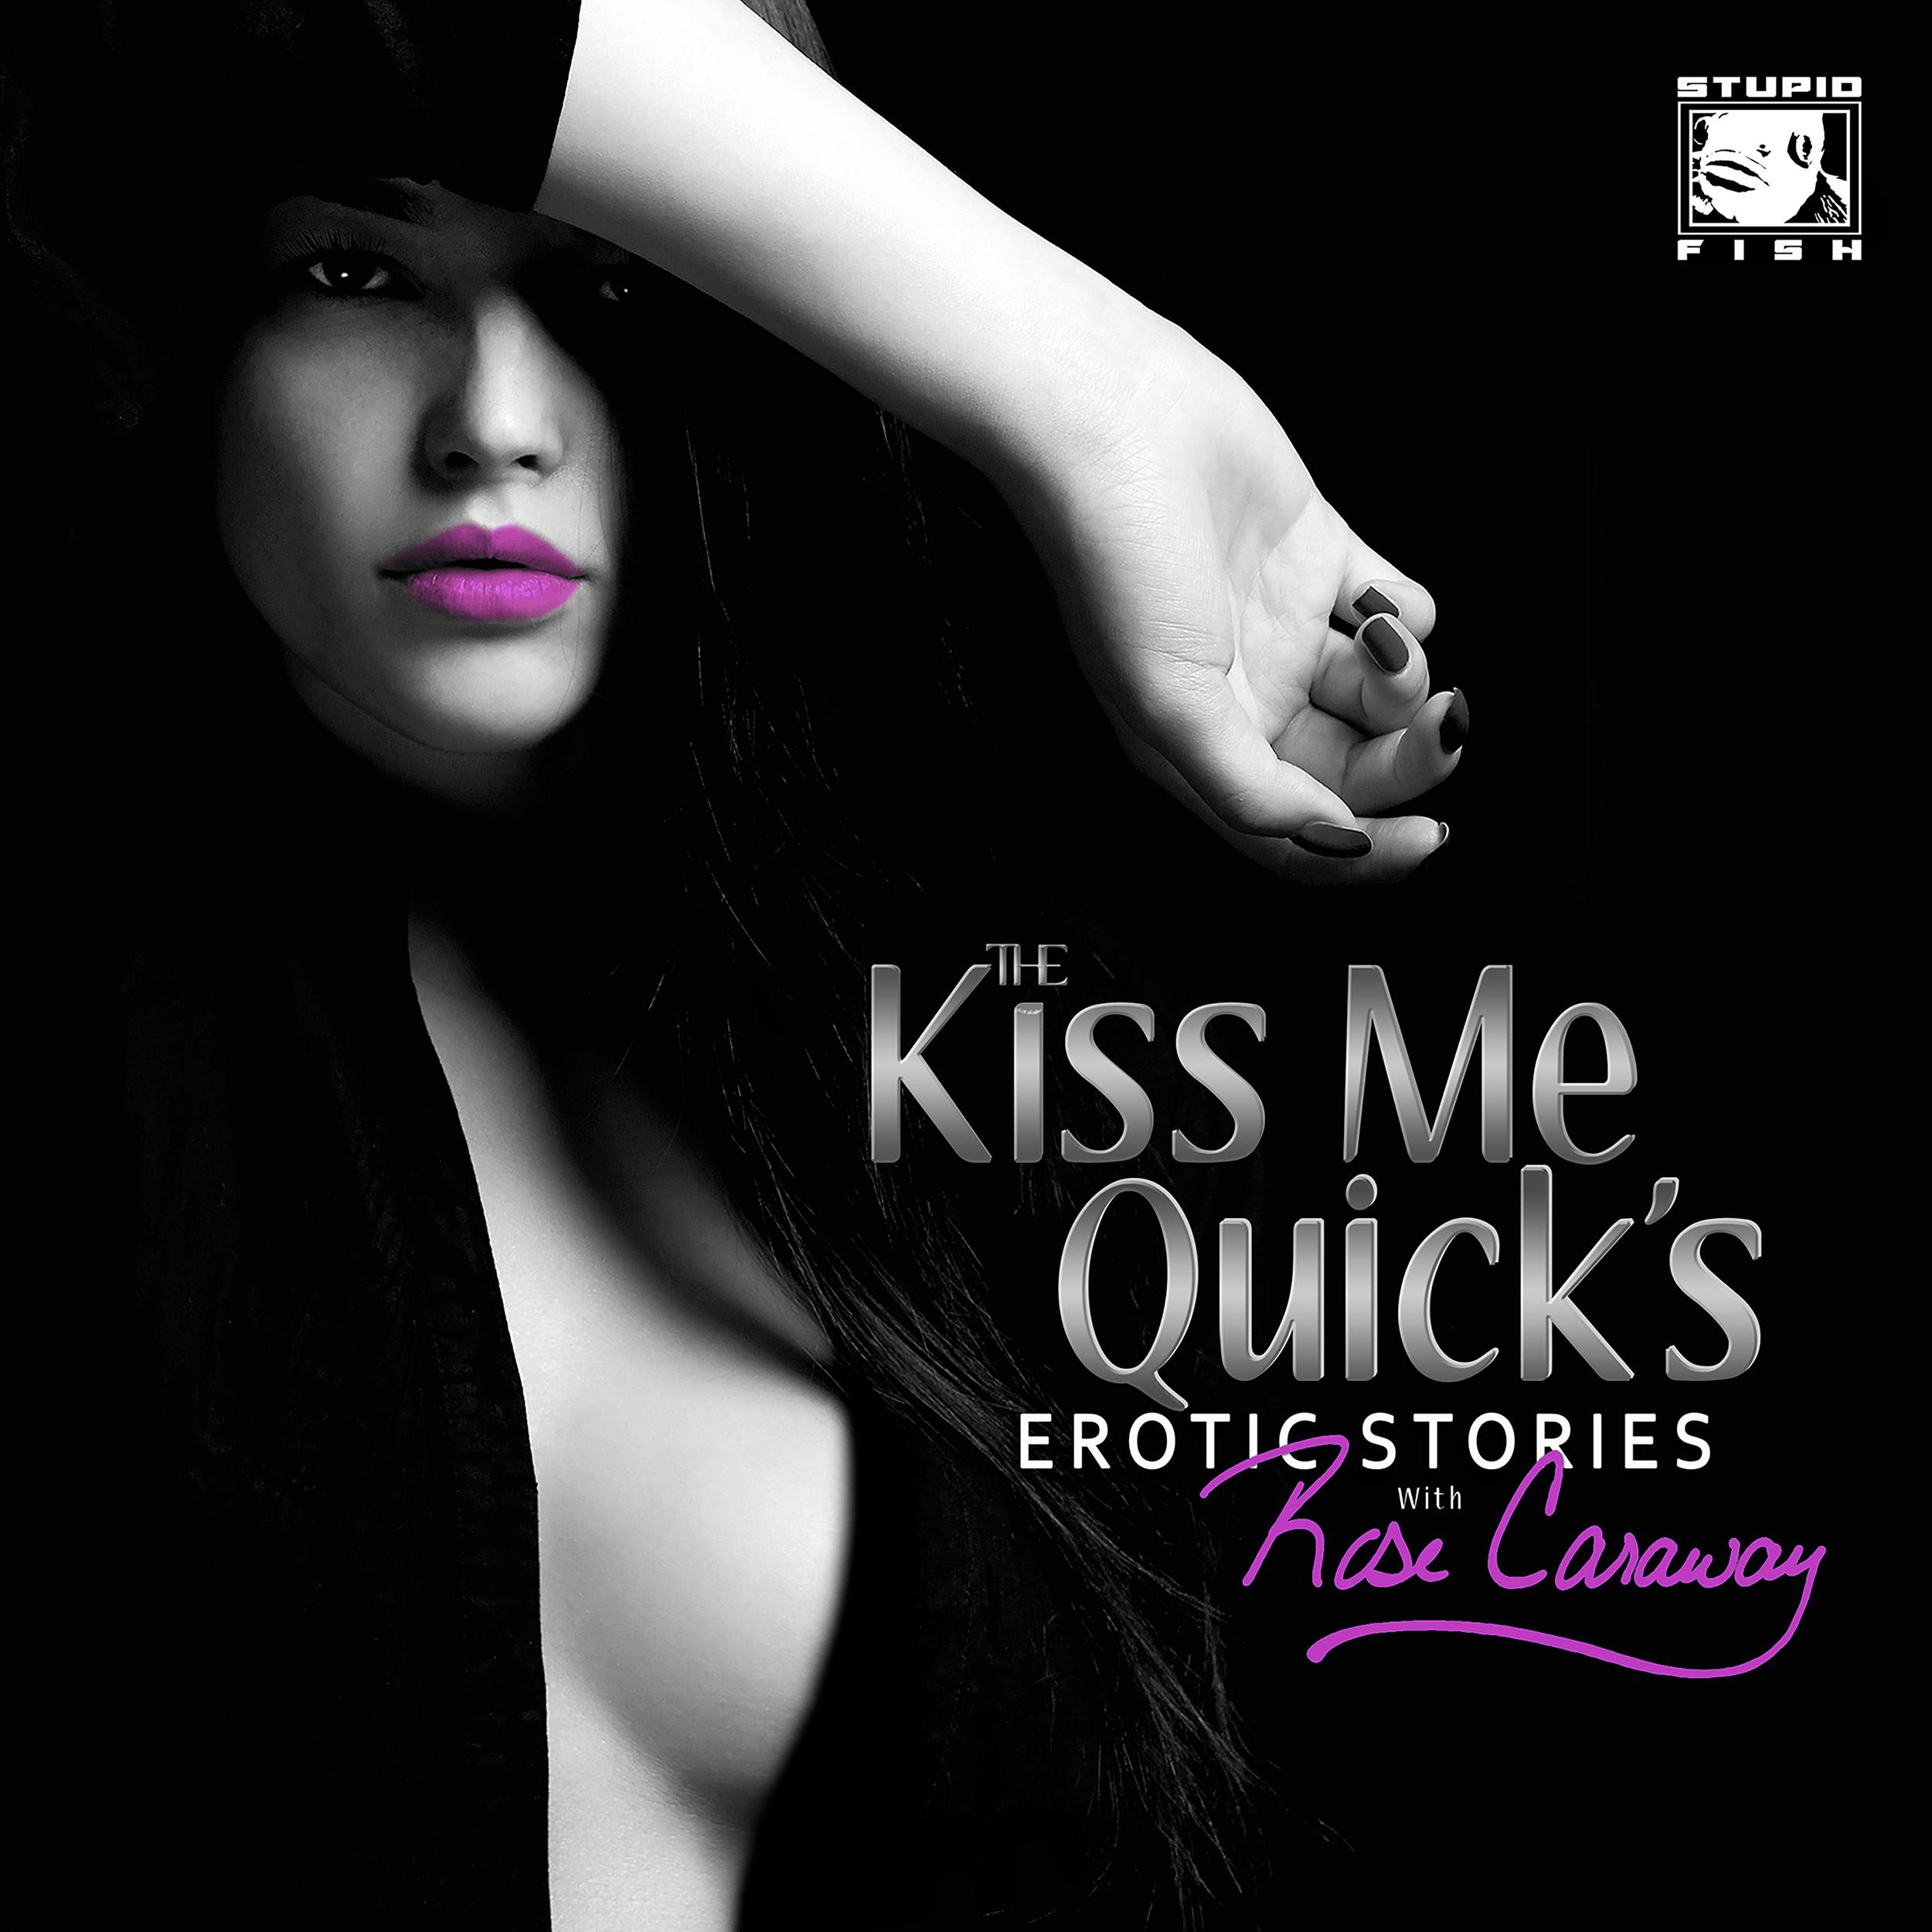 The Kiss Me Quick's Erotica show art